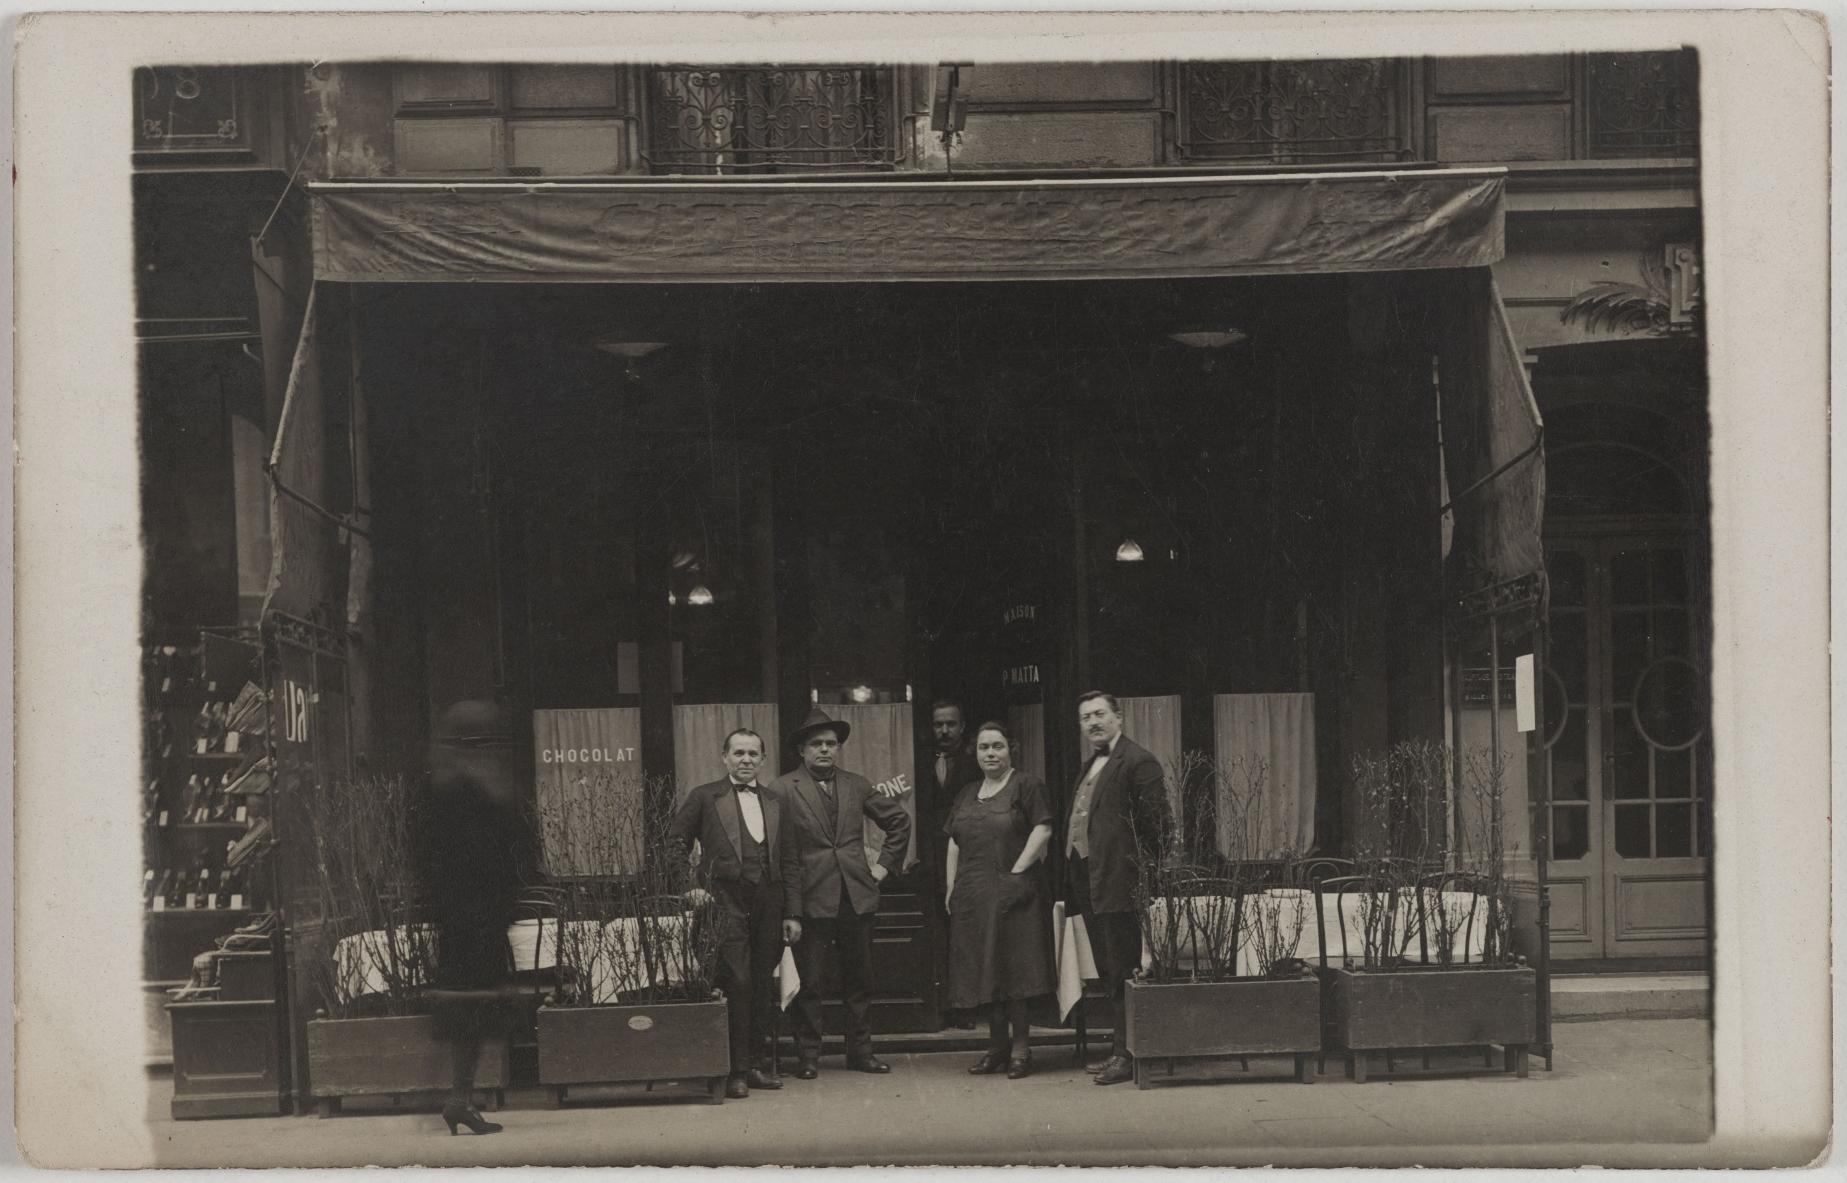 1927-1937. Кафе, ресторан. Дом П. Матта, 76, rue de Turbigo (3-й округ). Сейчас на этом месте ресторан Xing Long